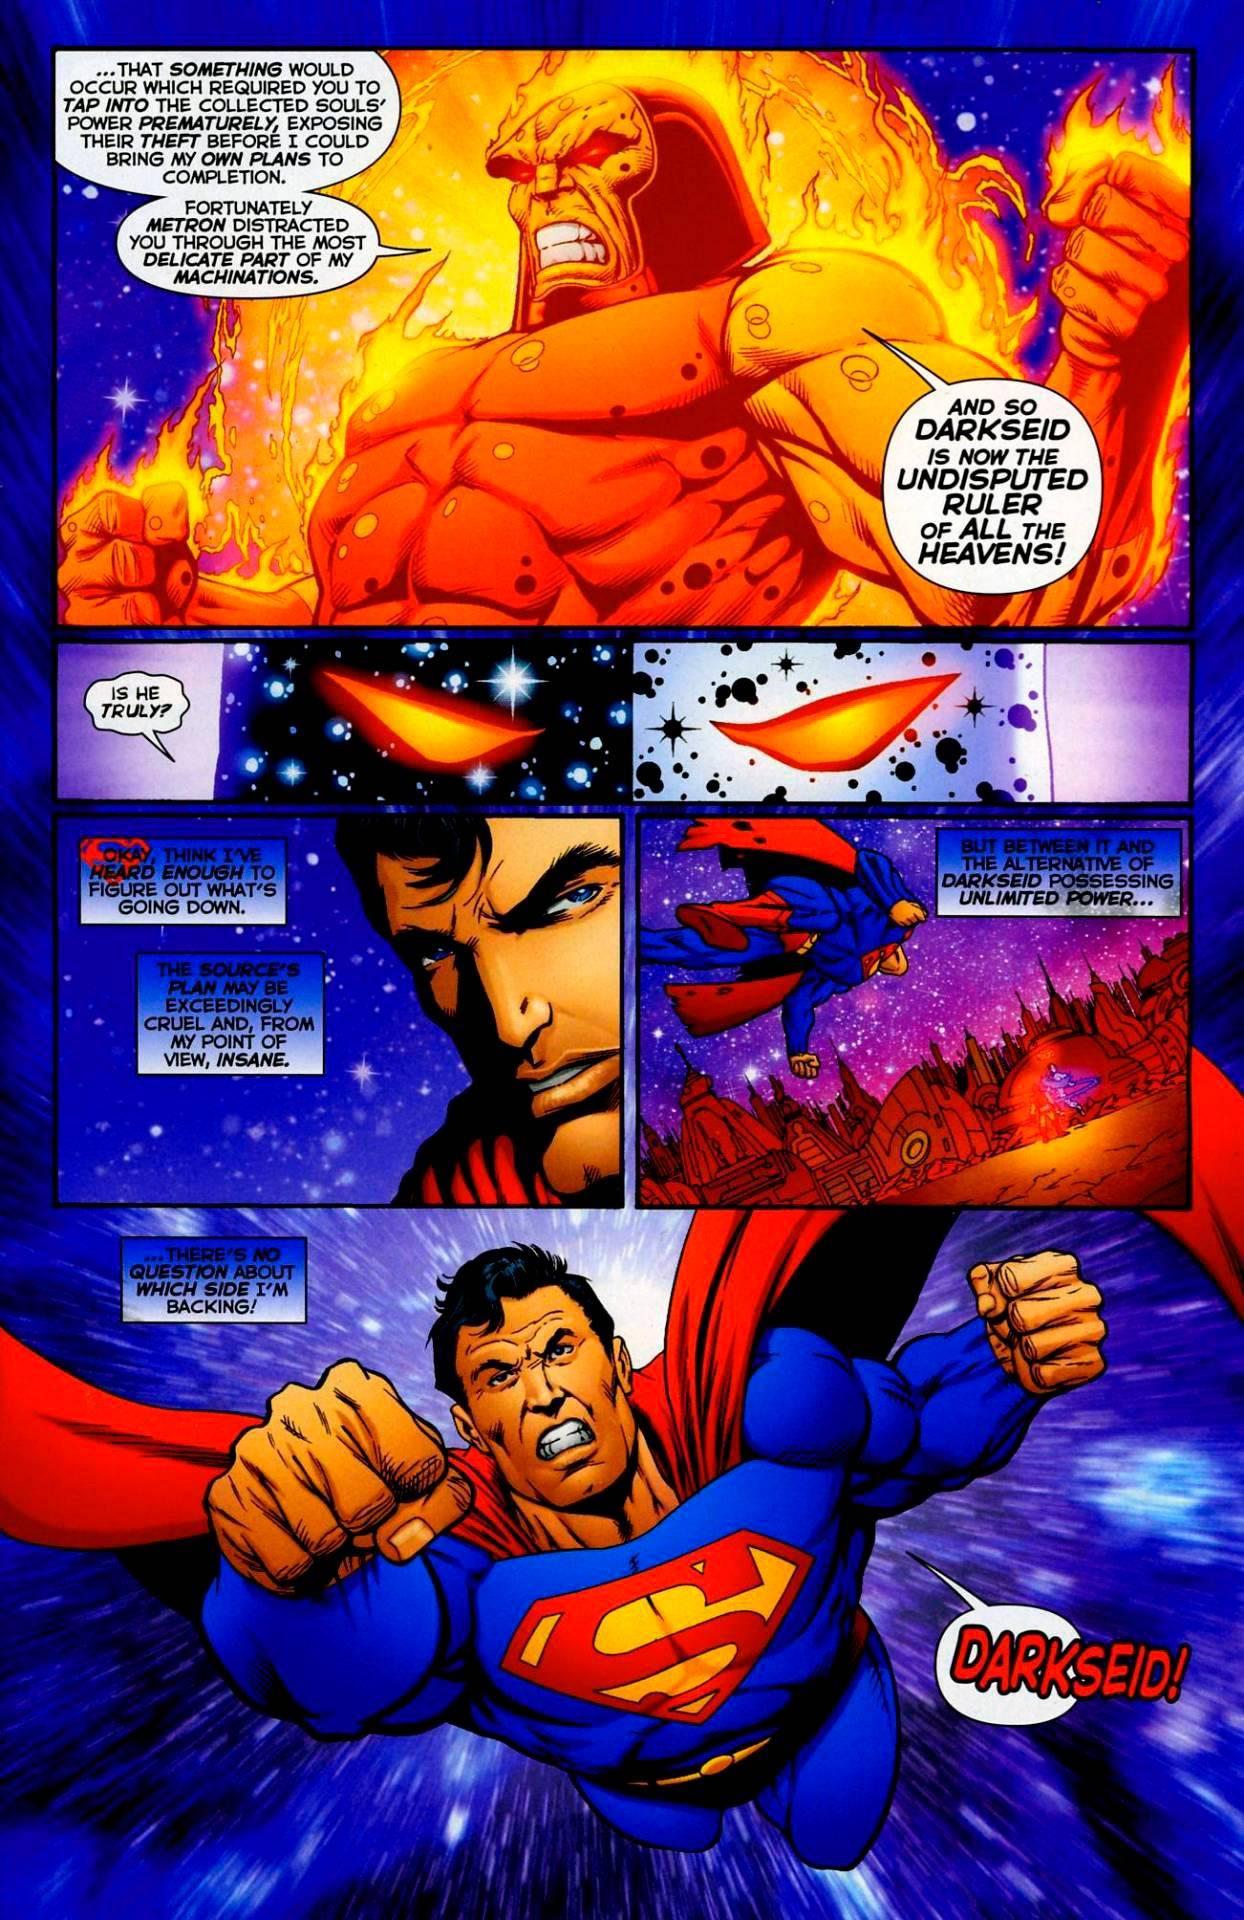 Дарксайд решил, что худшей судьбой для Супермена будет прожить остаток своих дней в заточении